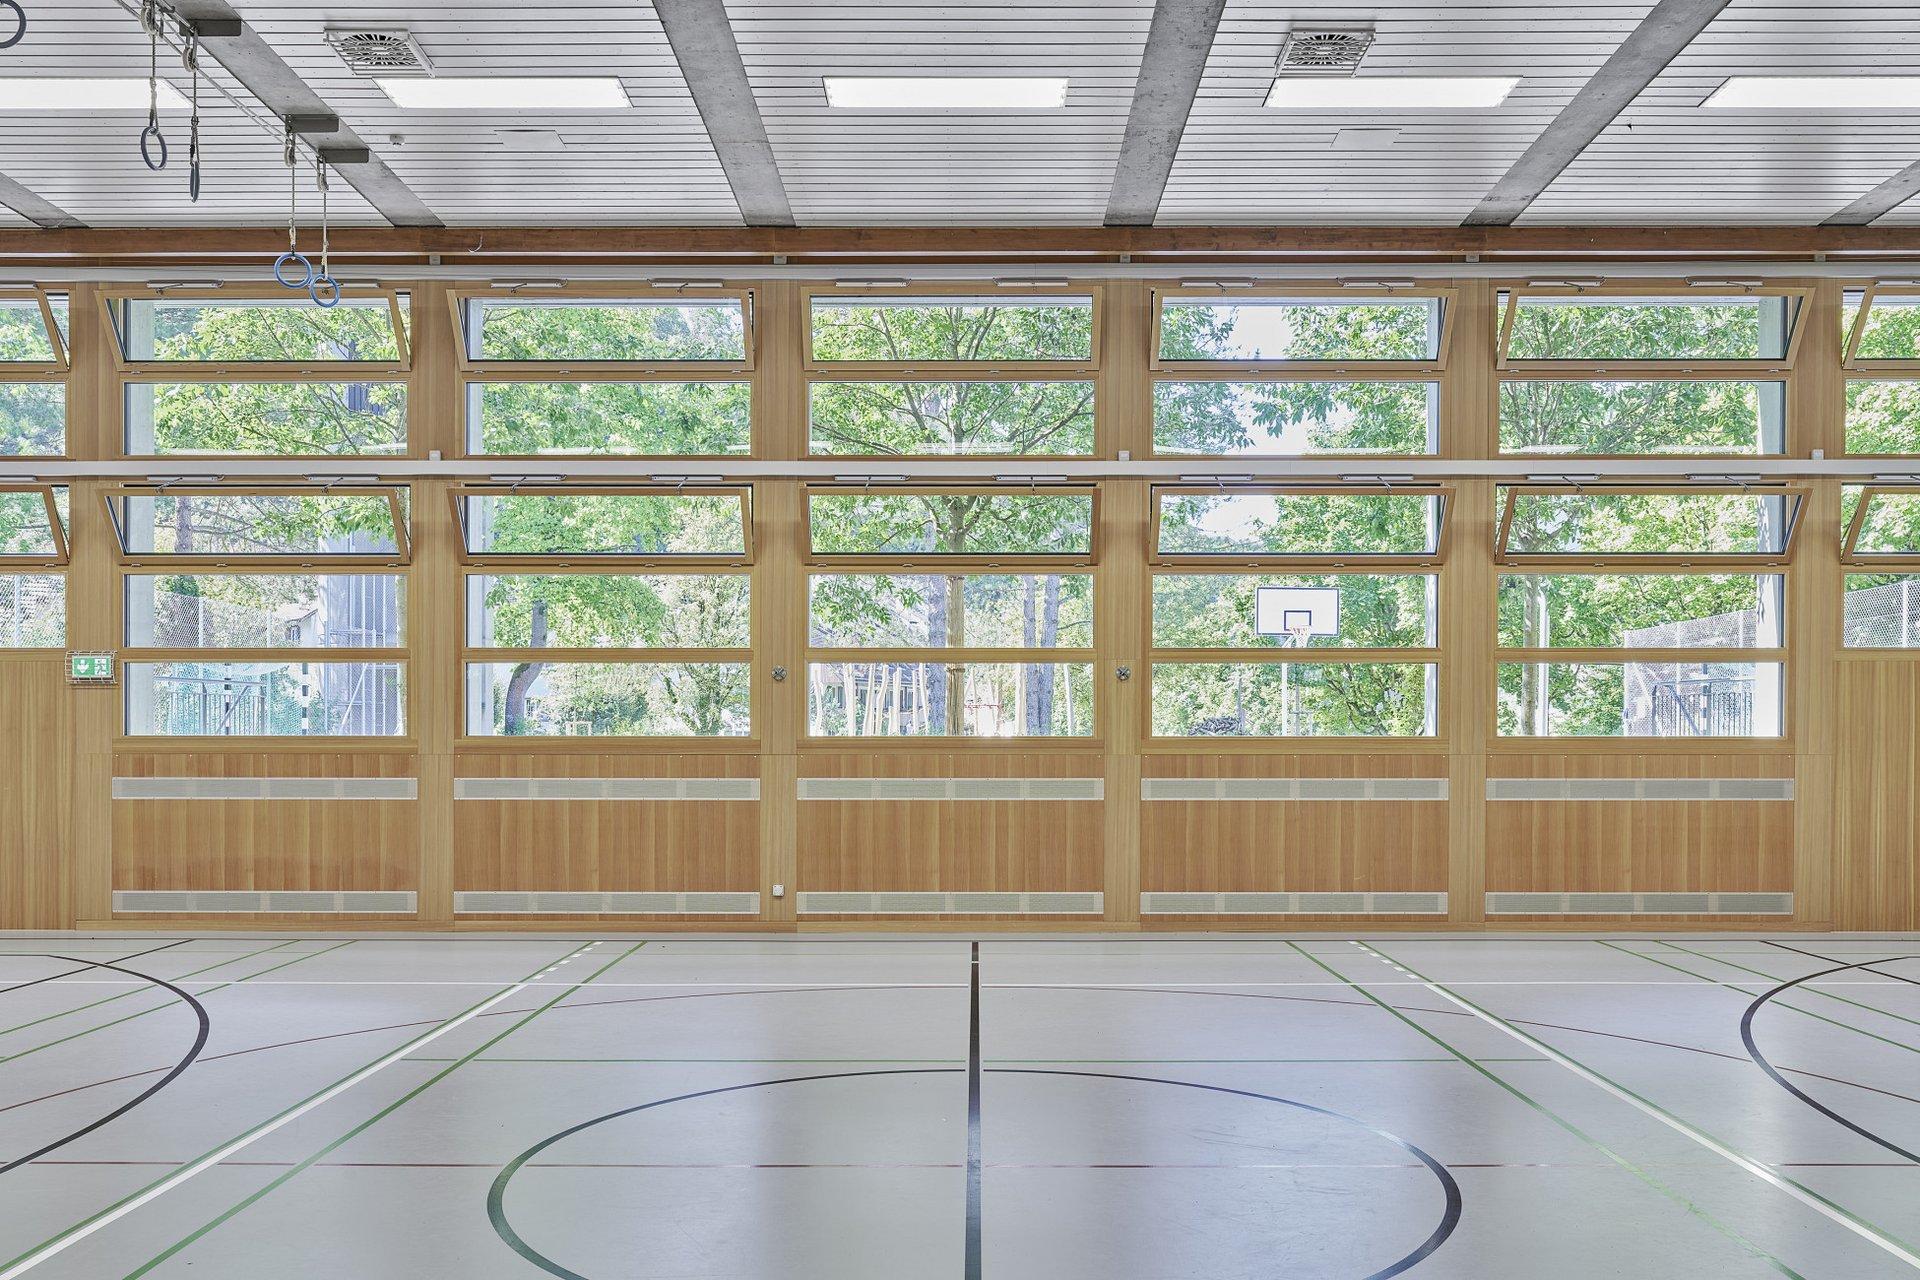 Blick in die Turnhalle und die helle Holzfensterfront